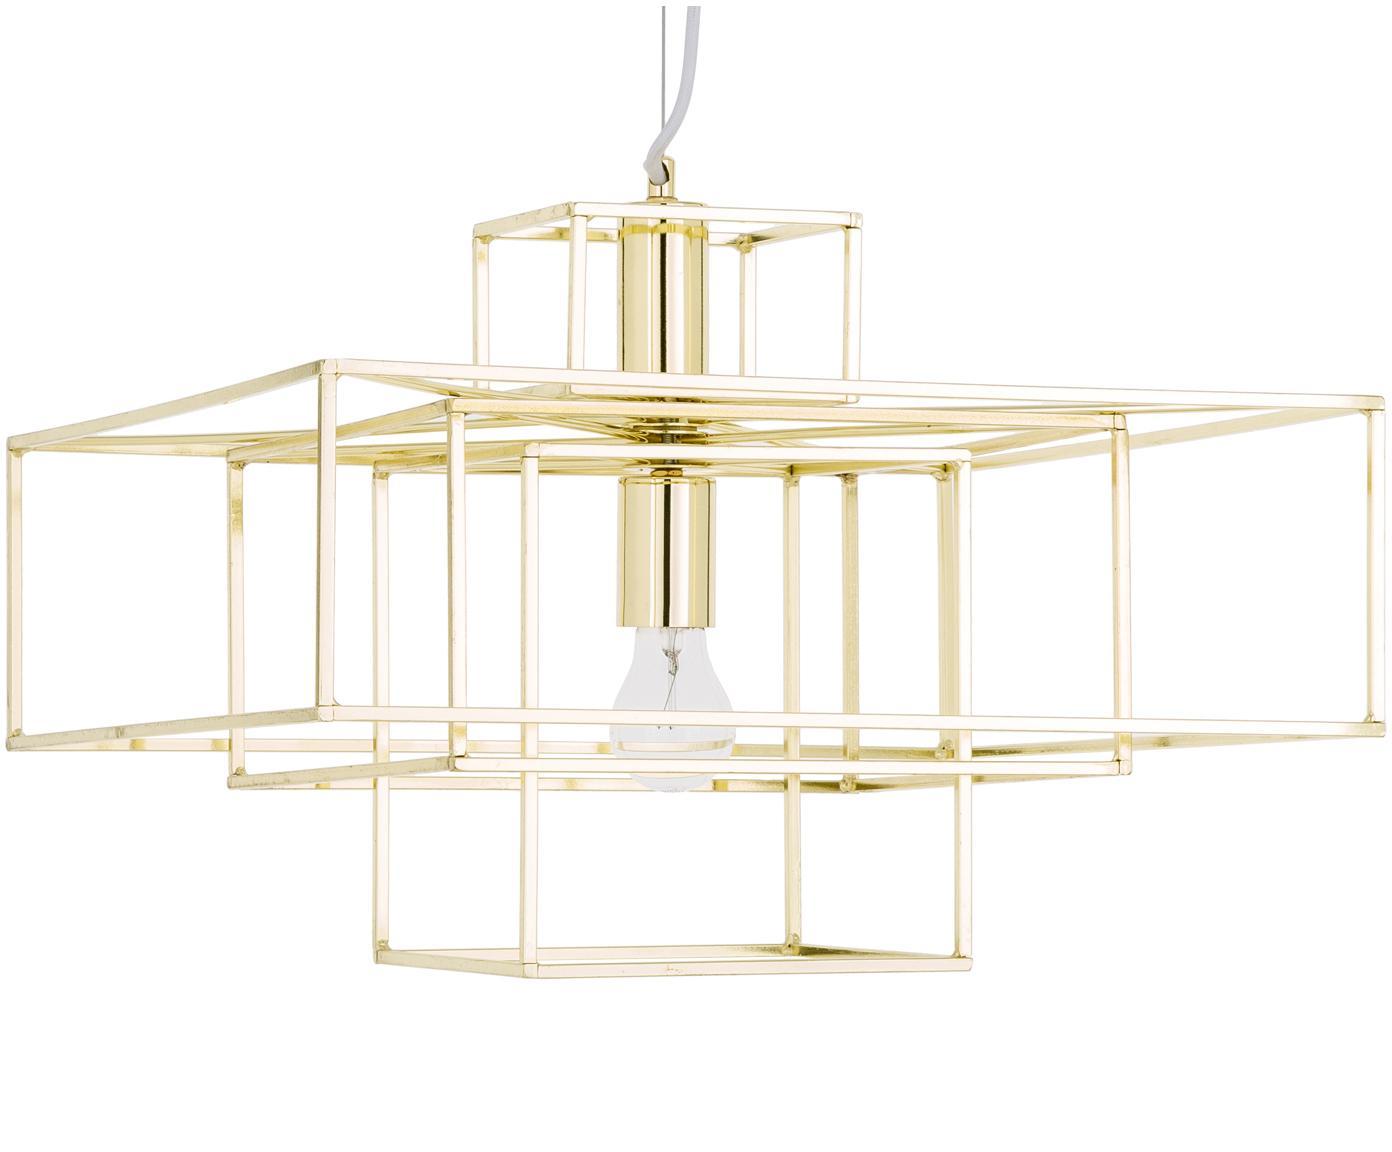 Lampada a sospensione Cube, Metallo ottonato, Ottone, Larg. 46 x Alt. 50 cm